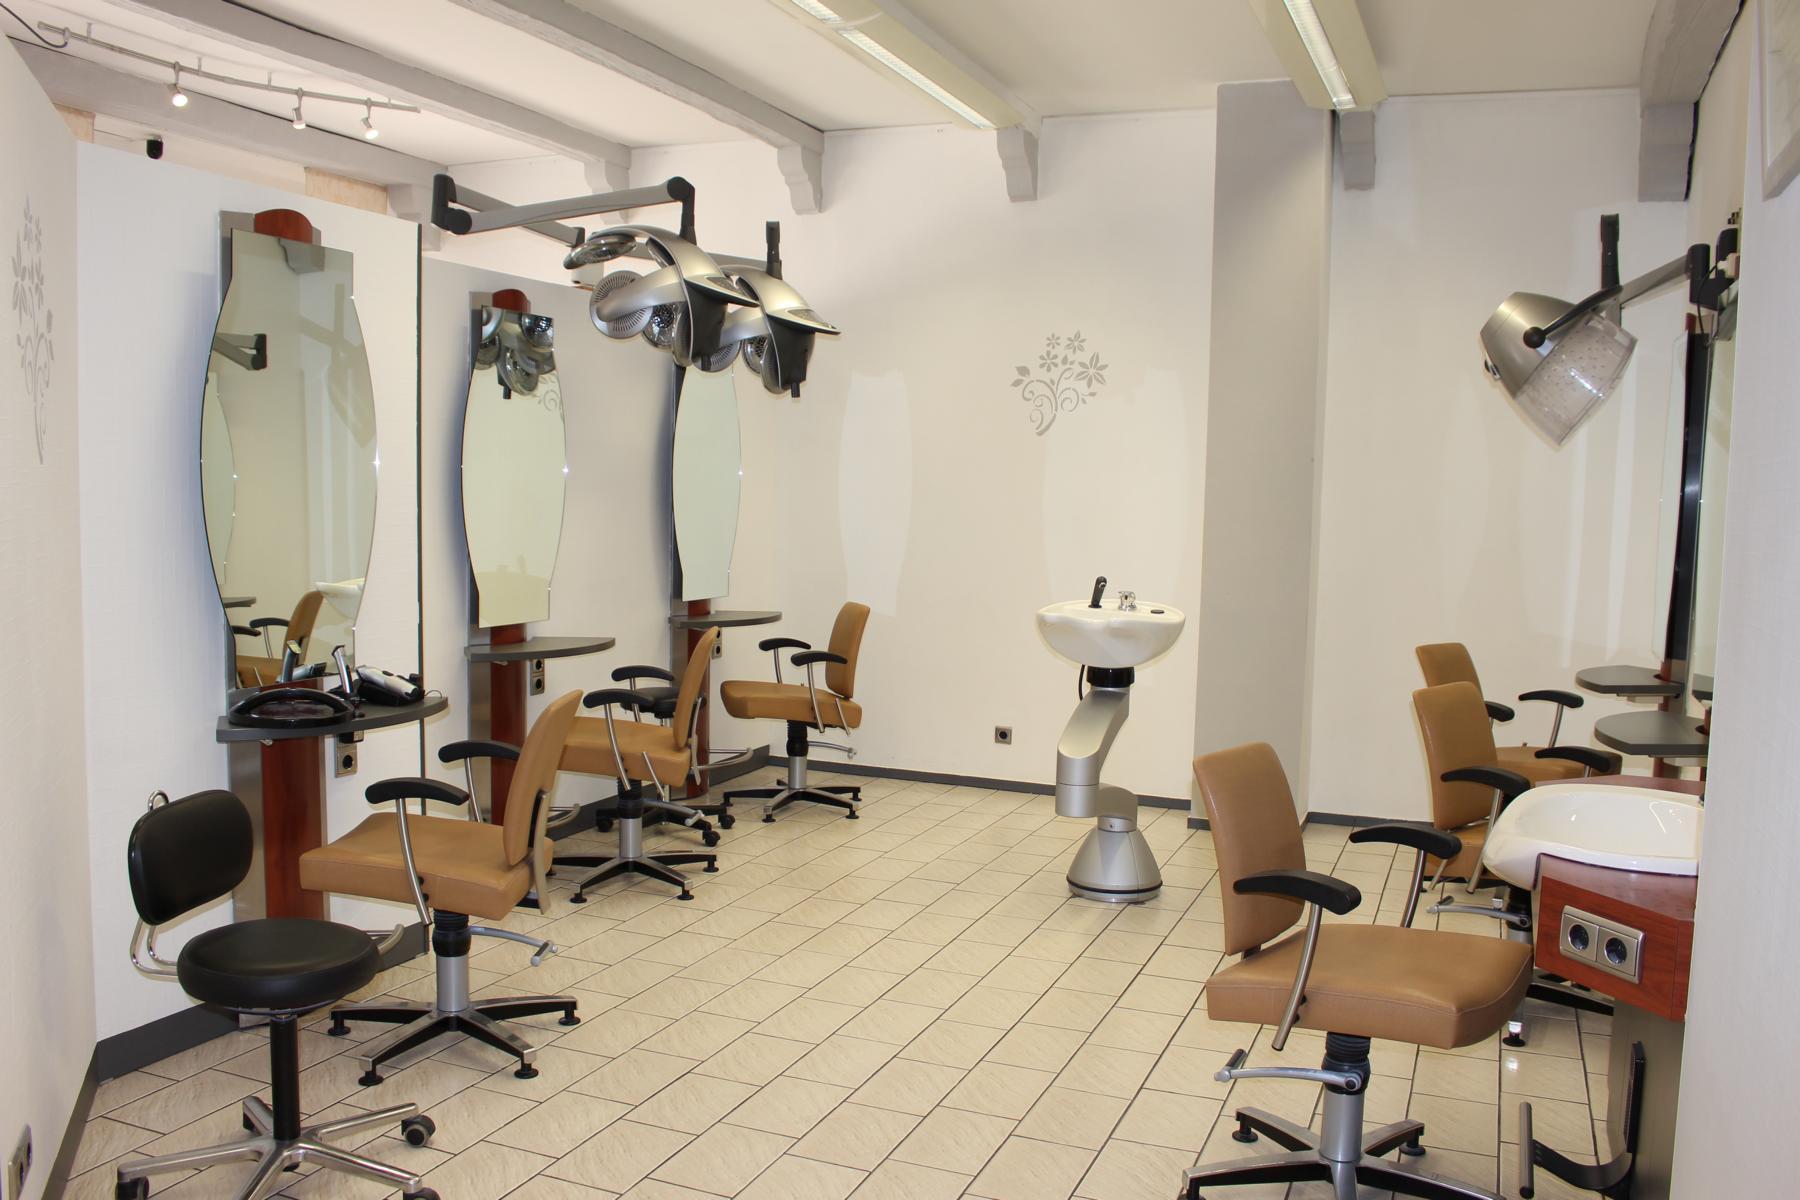 Salon - Der Friseur Schupp - Ihr Meisterfriseur auf der Koblenzer ...